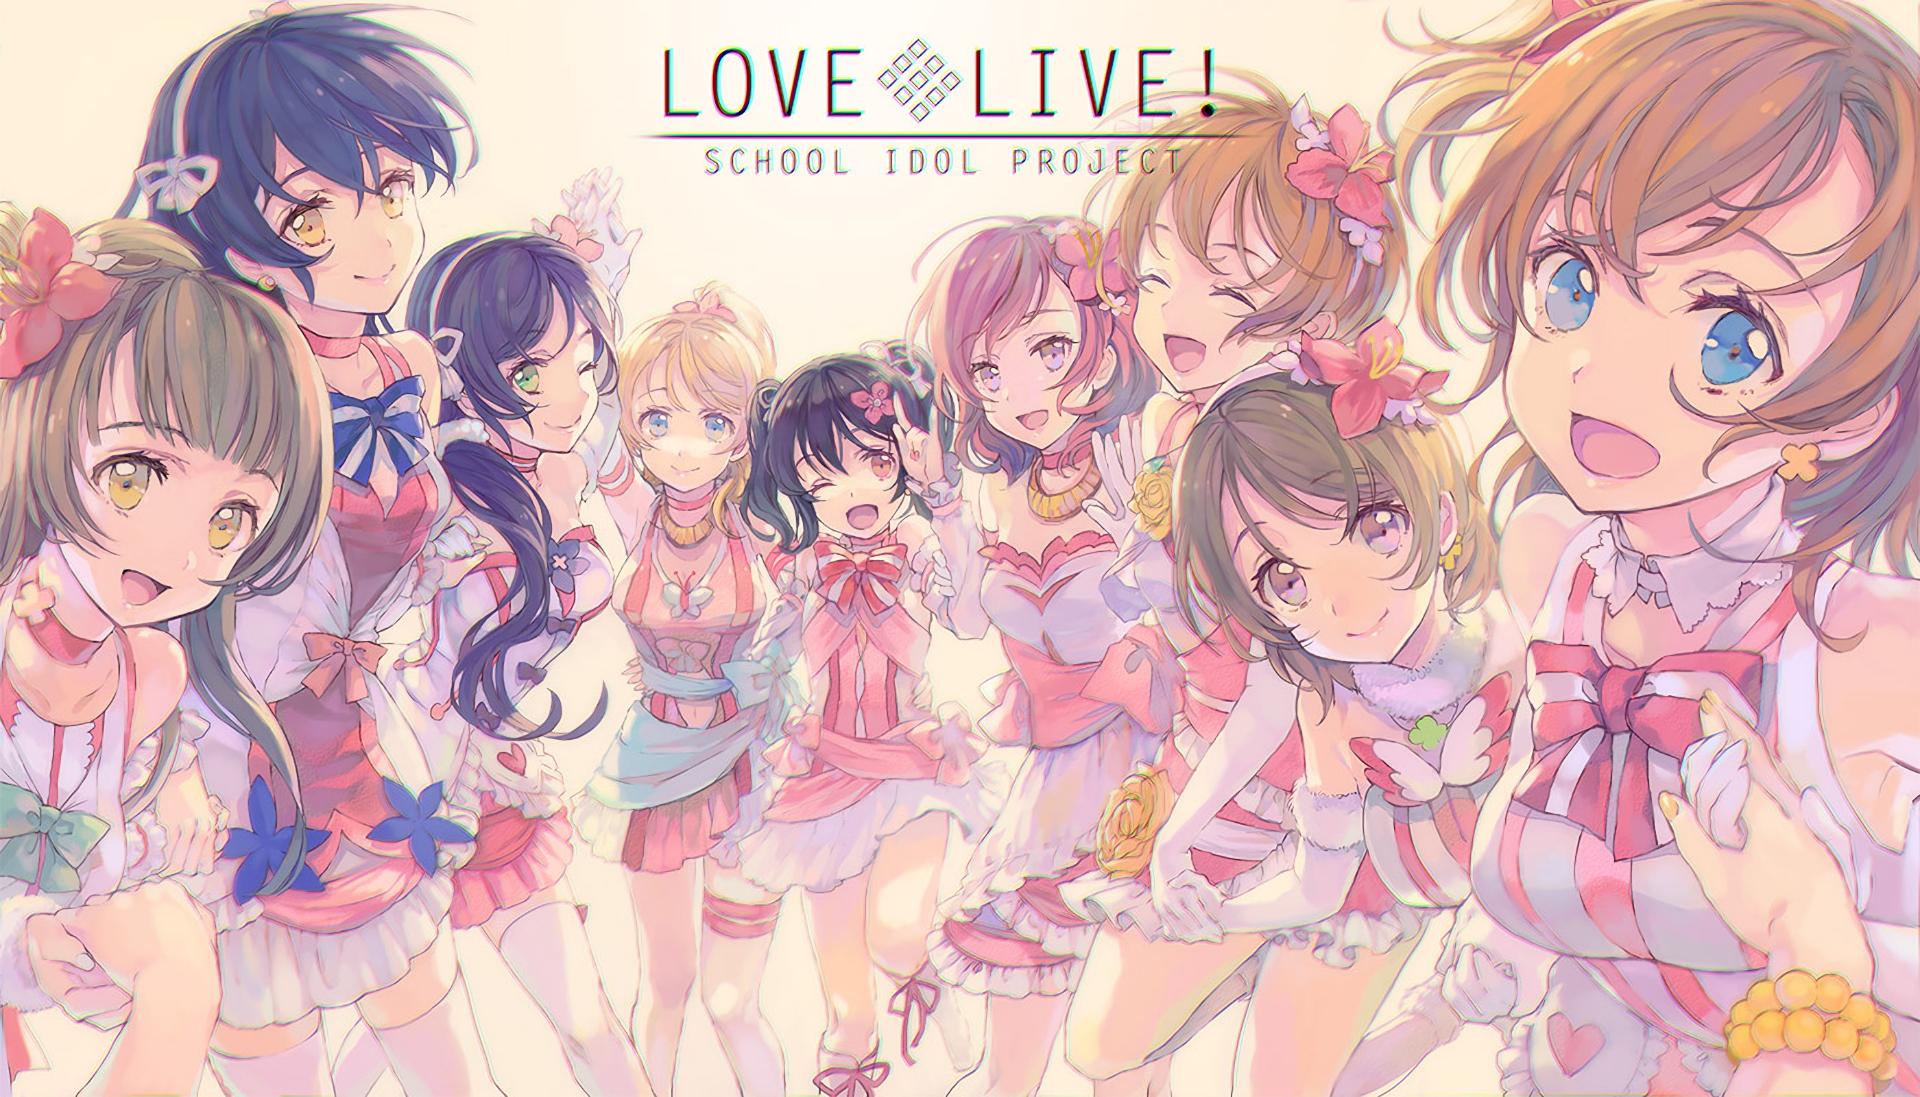 Love Live Wallpaper Hd New: Wallpaper : Illustration, Anime Girls, Artwork, Love Live